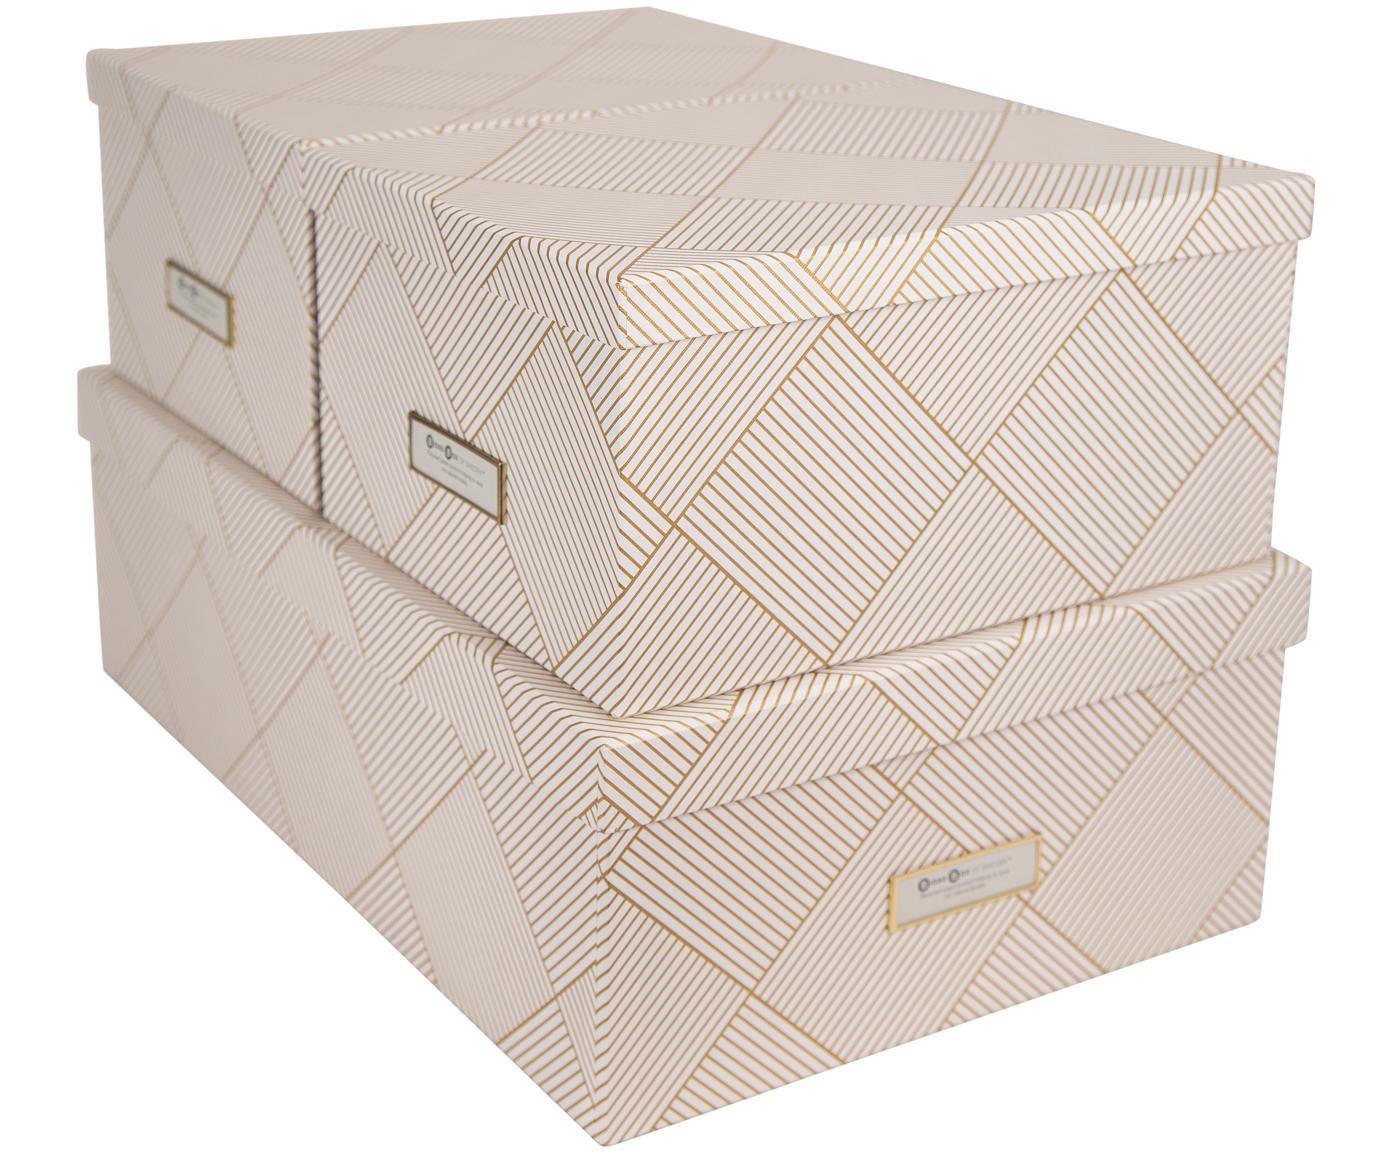 Set 3 scatole Inge, Scatola: solido cartone laminato, Dorato , bianco, Diverse dimensioni